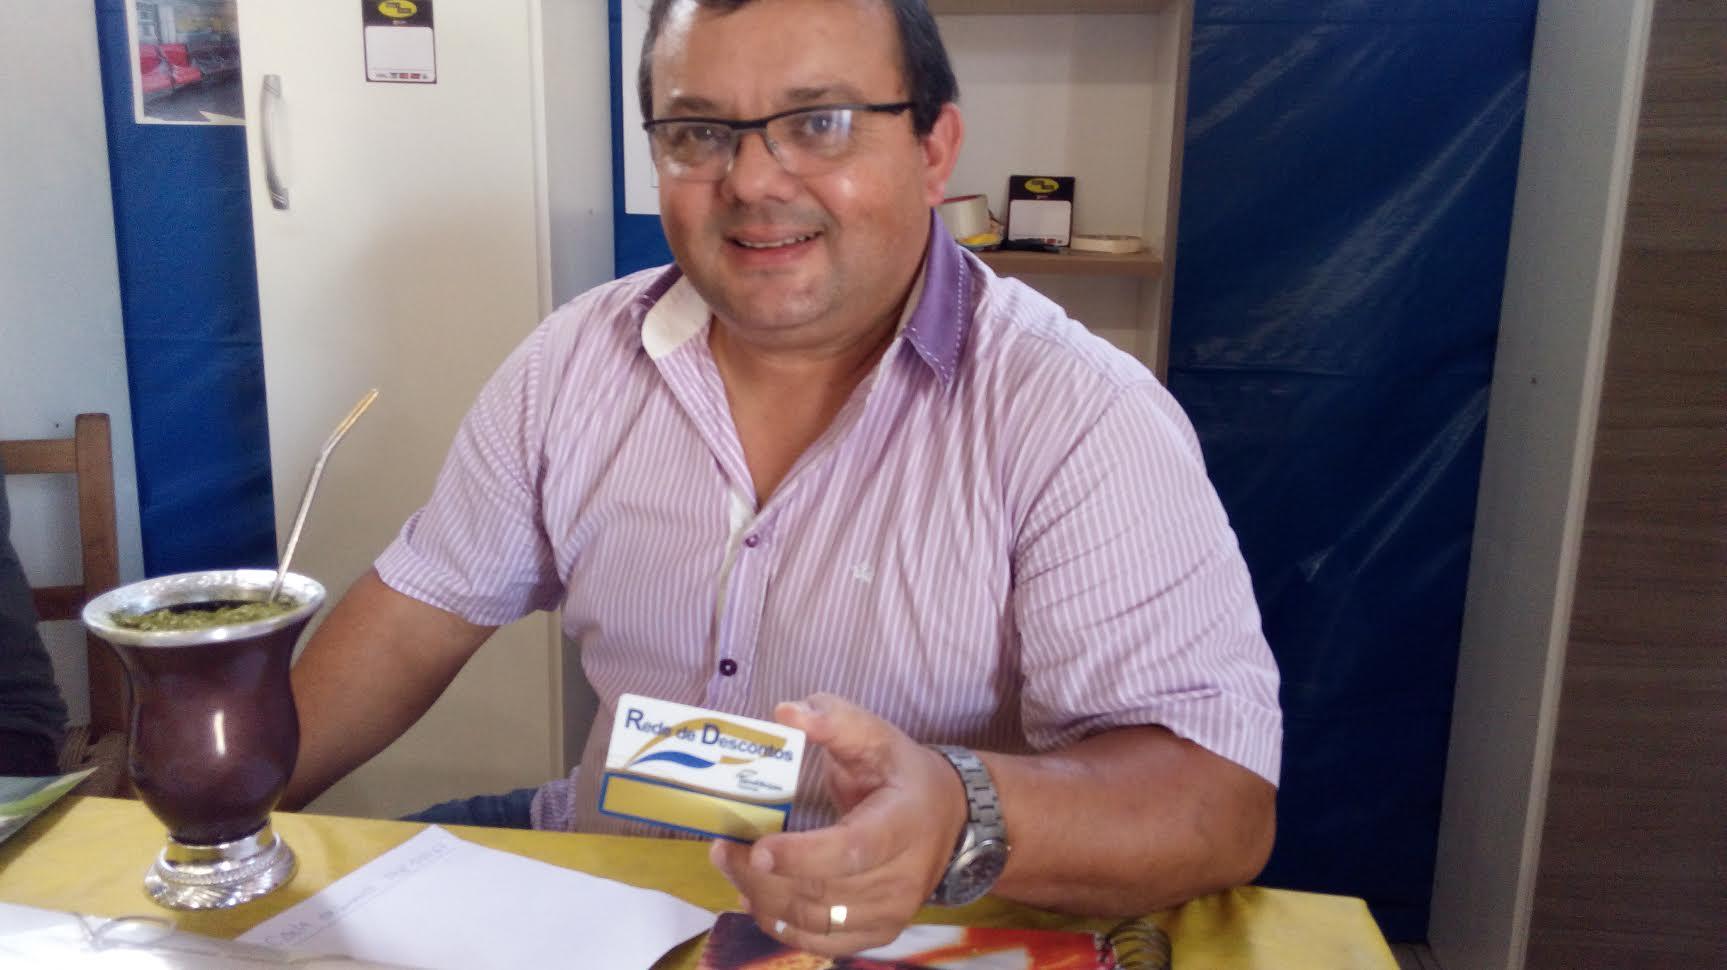 Claudio Teixeira proprietário da Moveis Tamoio